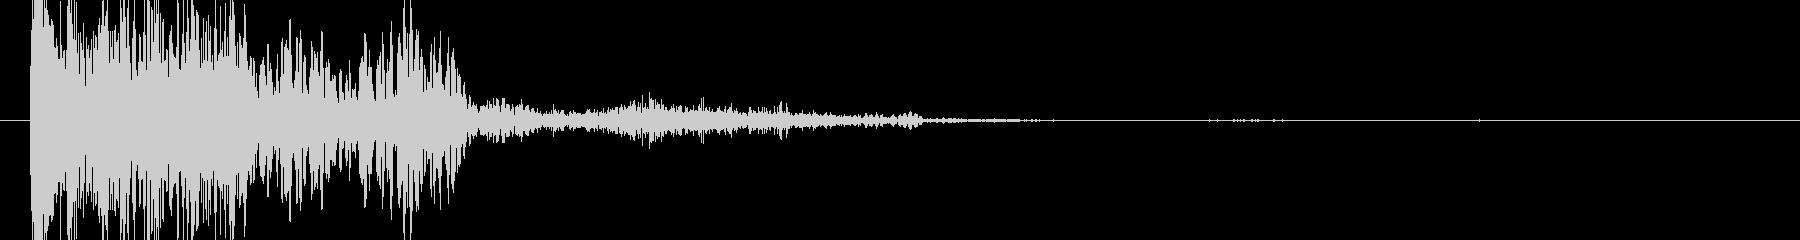 衝撃 ショット19の未再生の波形